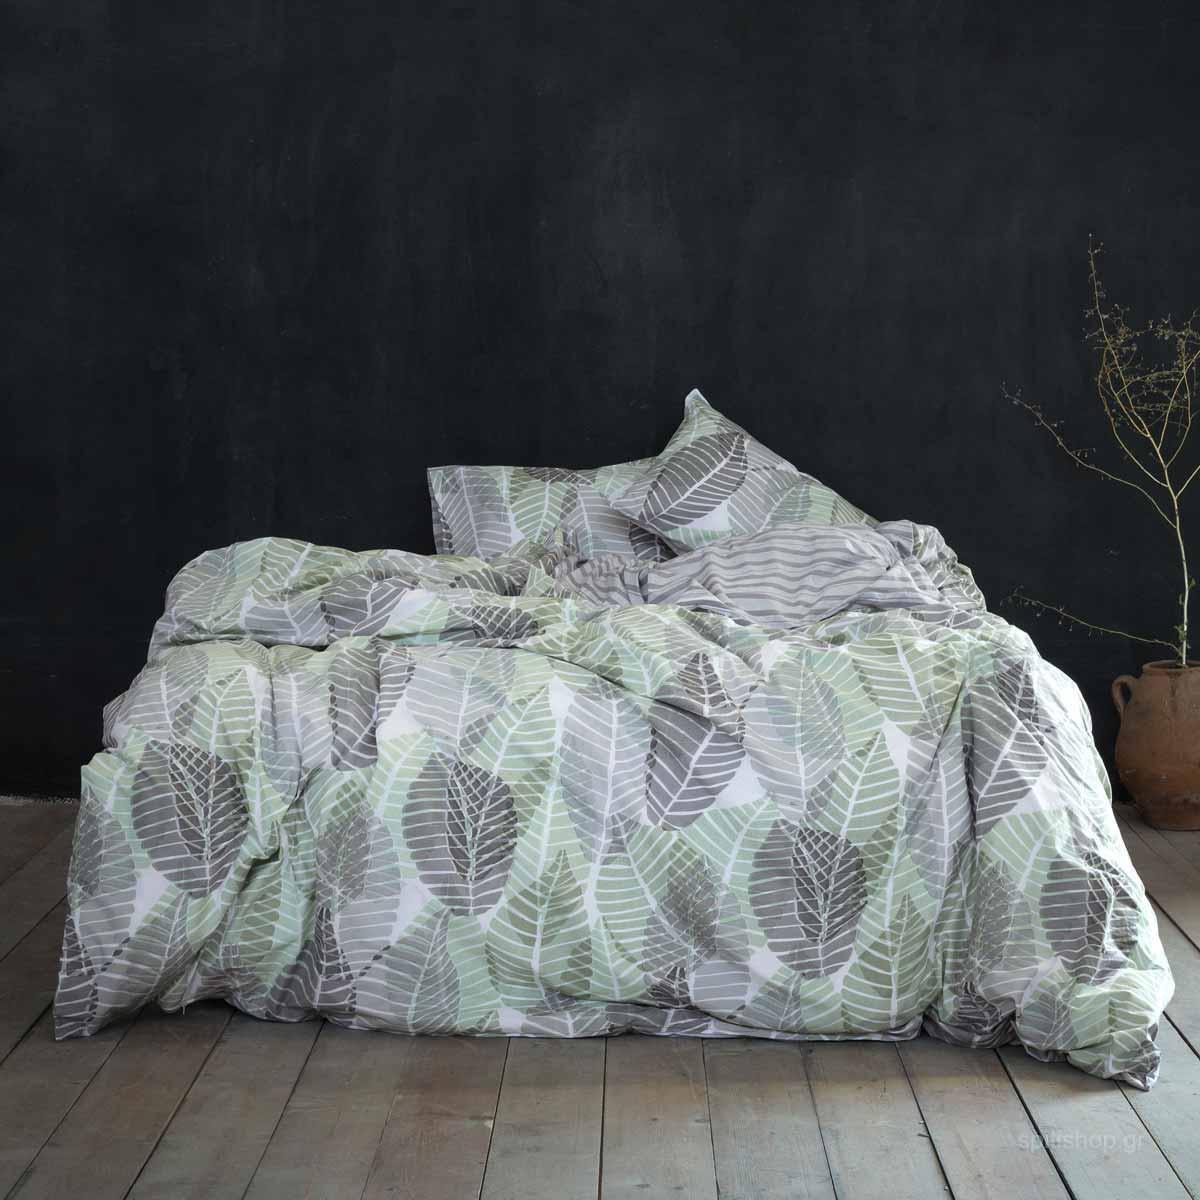 Παπλωματοθήκη Υπέρδιπλη (Σετ) Nima Bed Linen Feuilles Grey